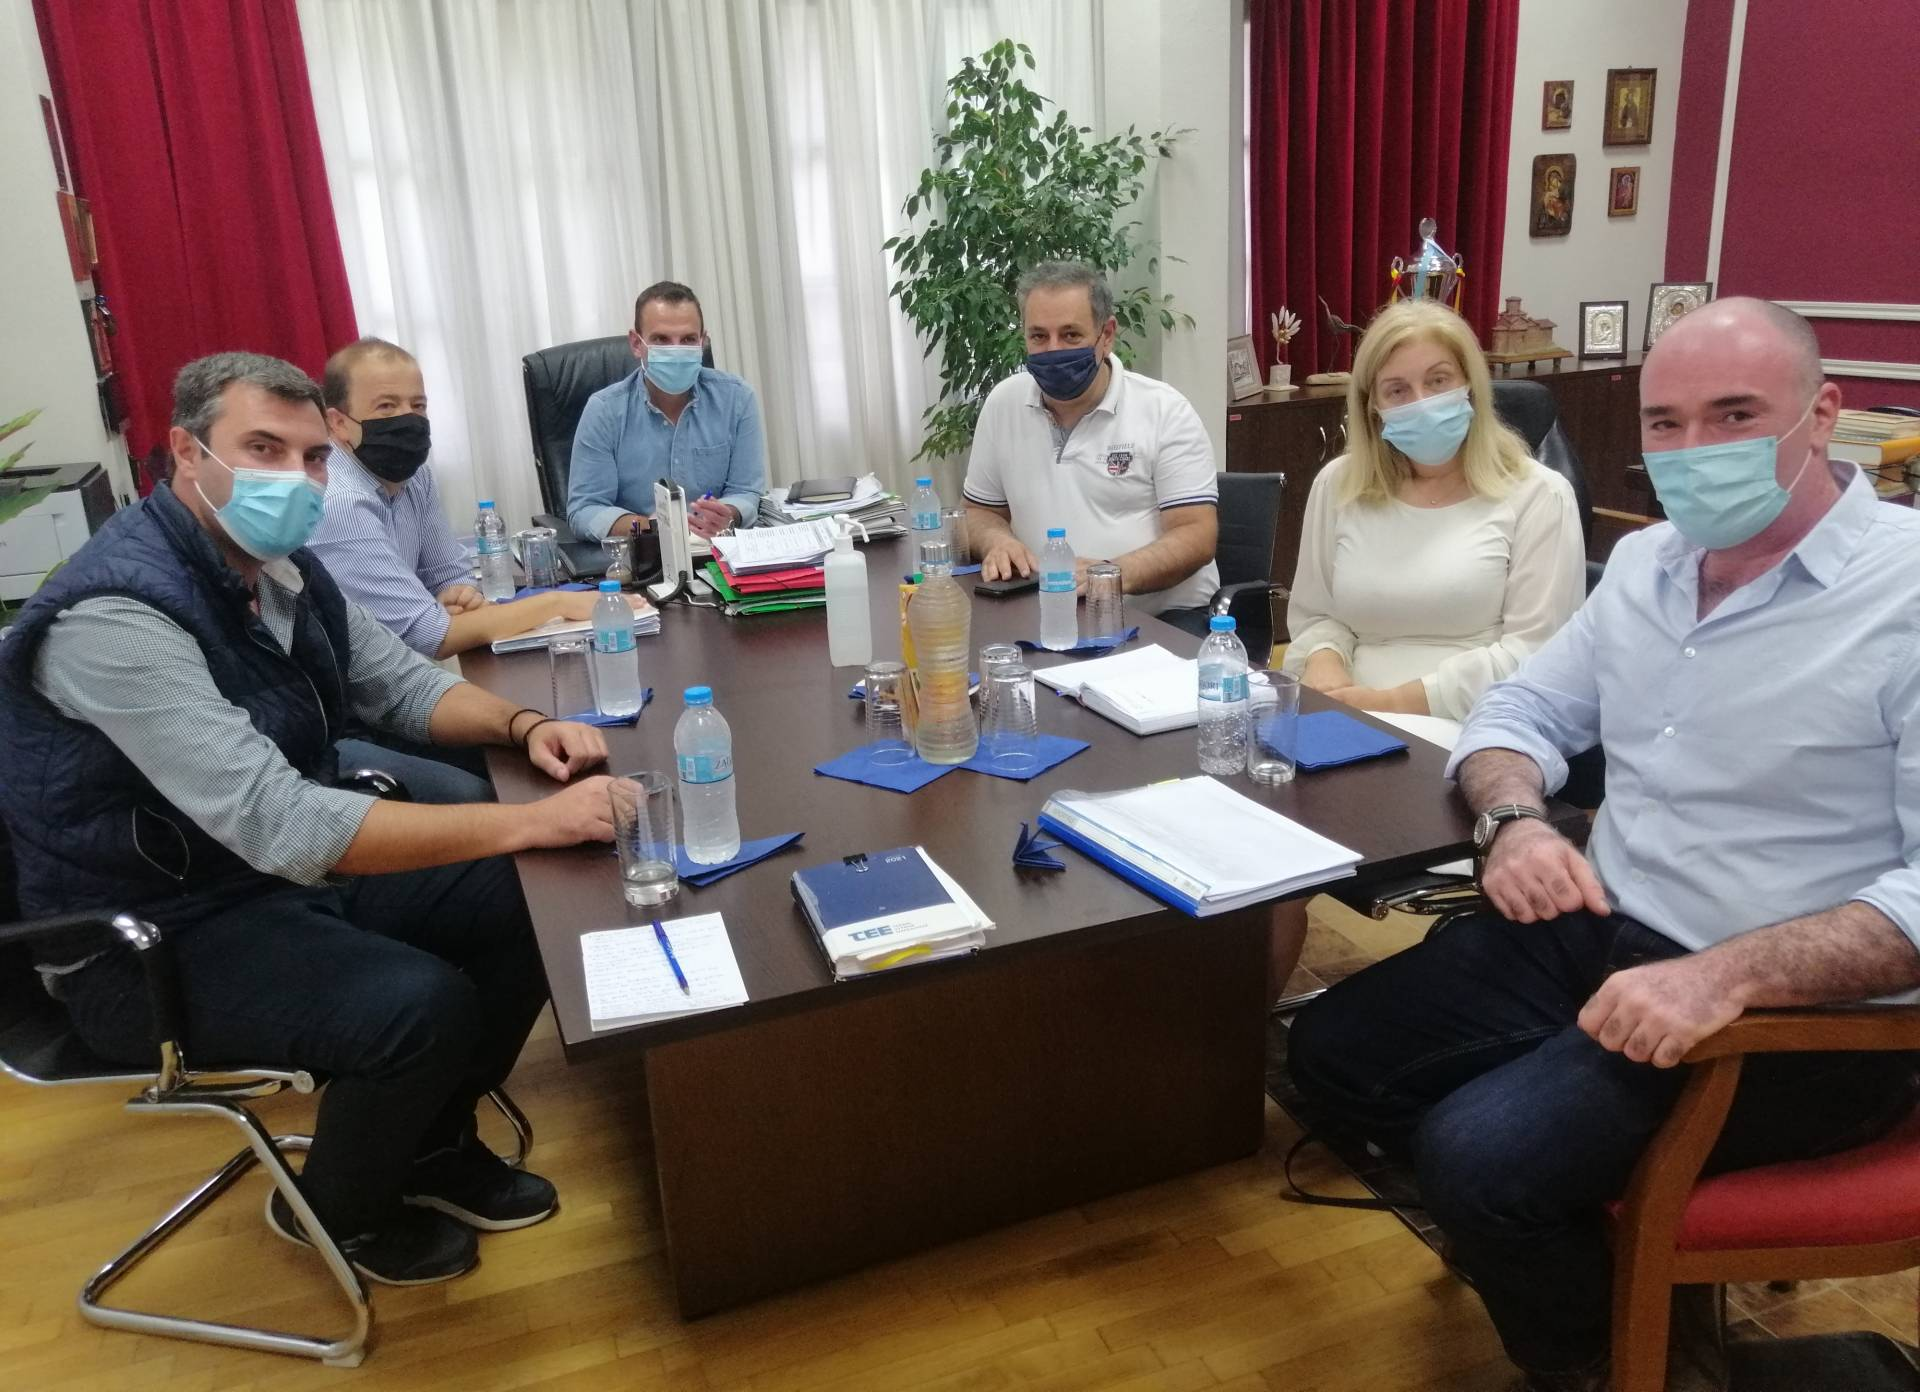 Συνάντηση εκπροσώπων της Διοίκησης του ΤΕΕ/ΤΔΜ με τον Δήμαρχο Καστοριάς